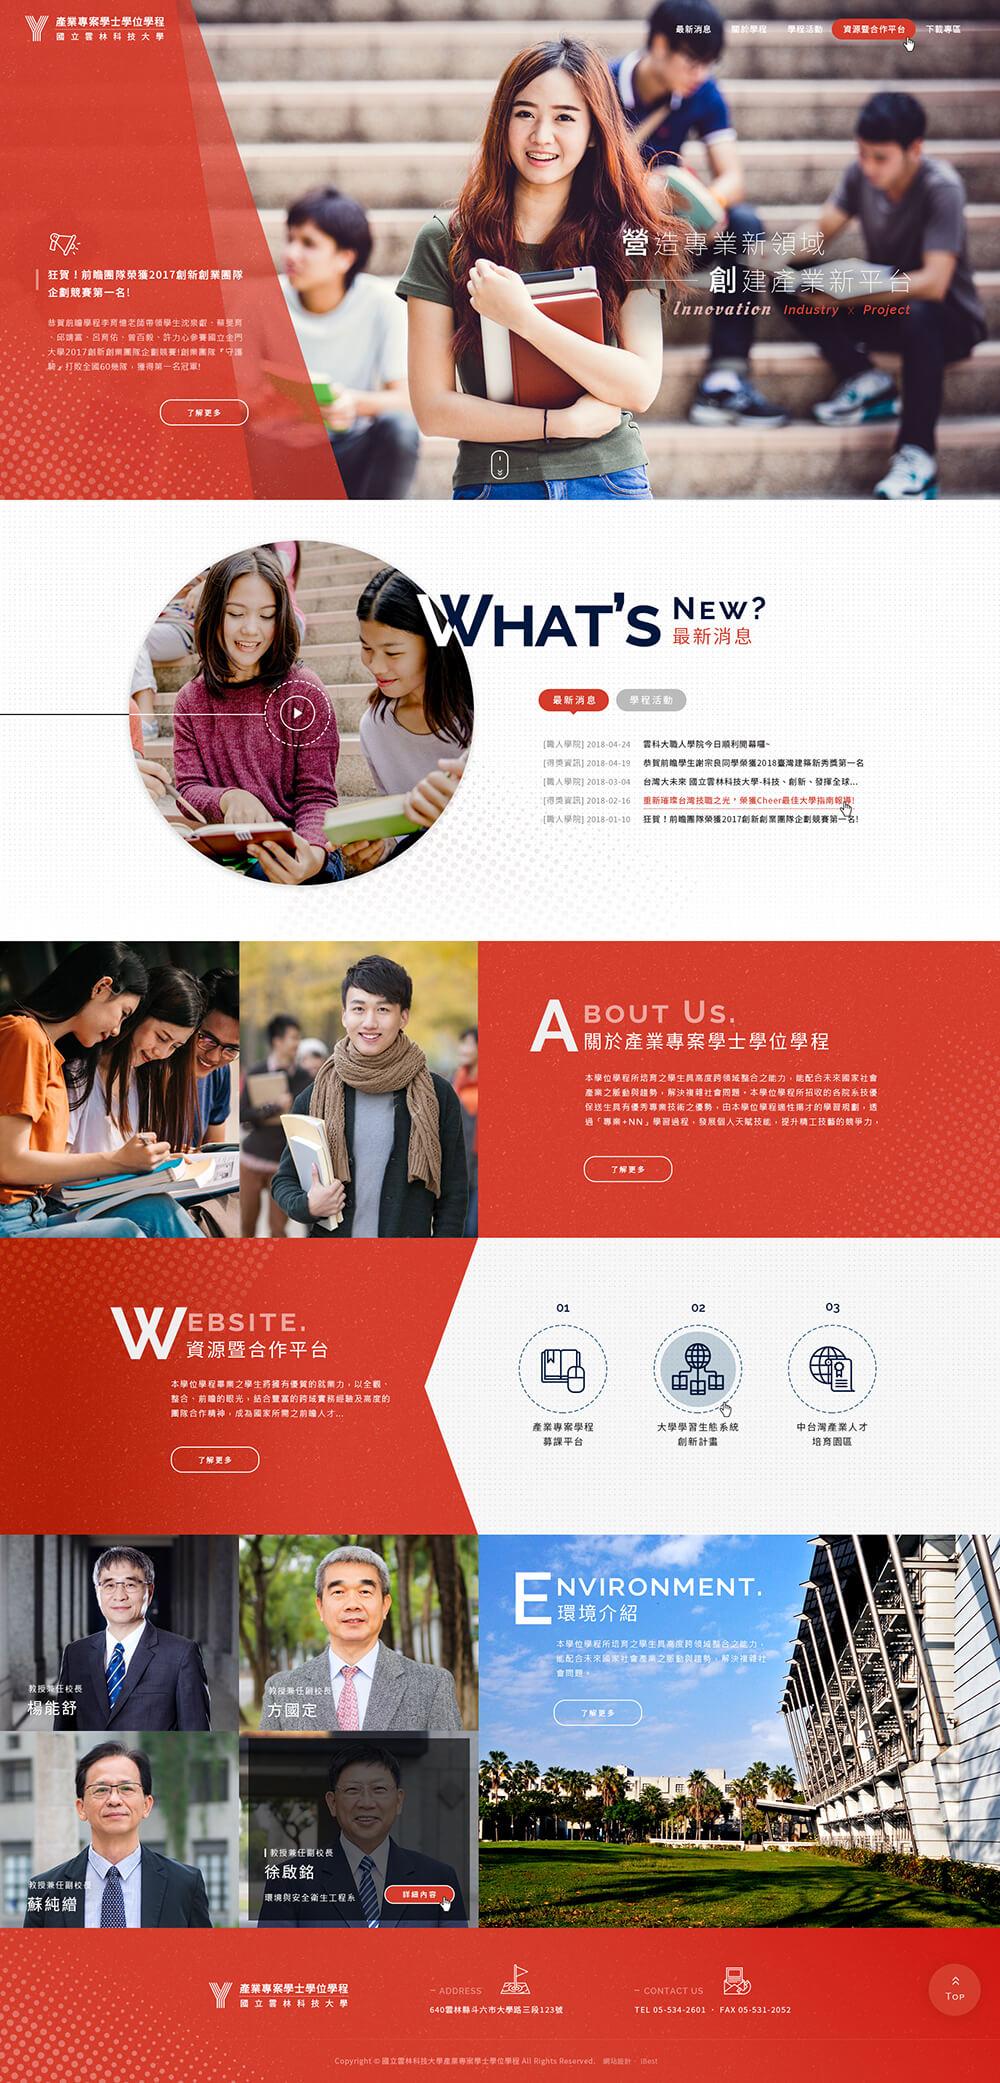 雲科大產專學程-網頁設計